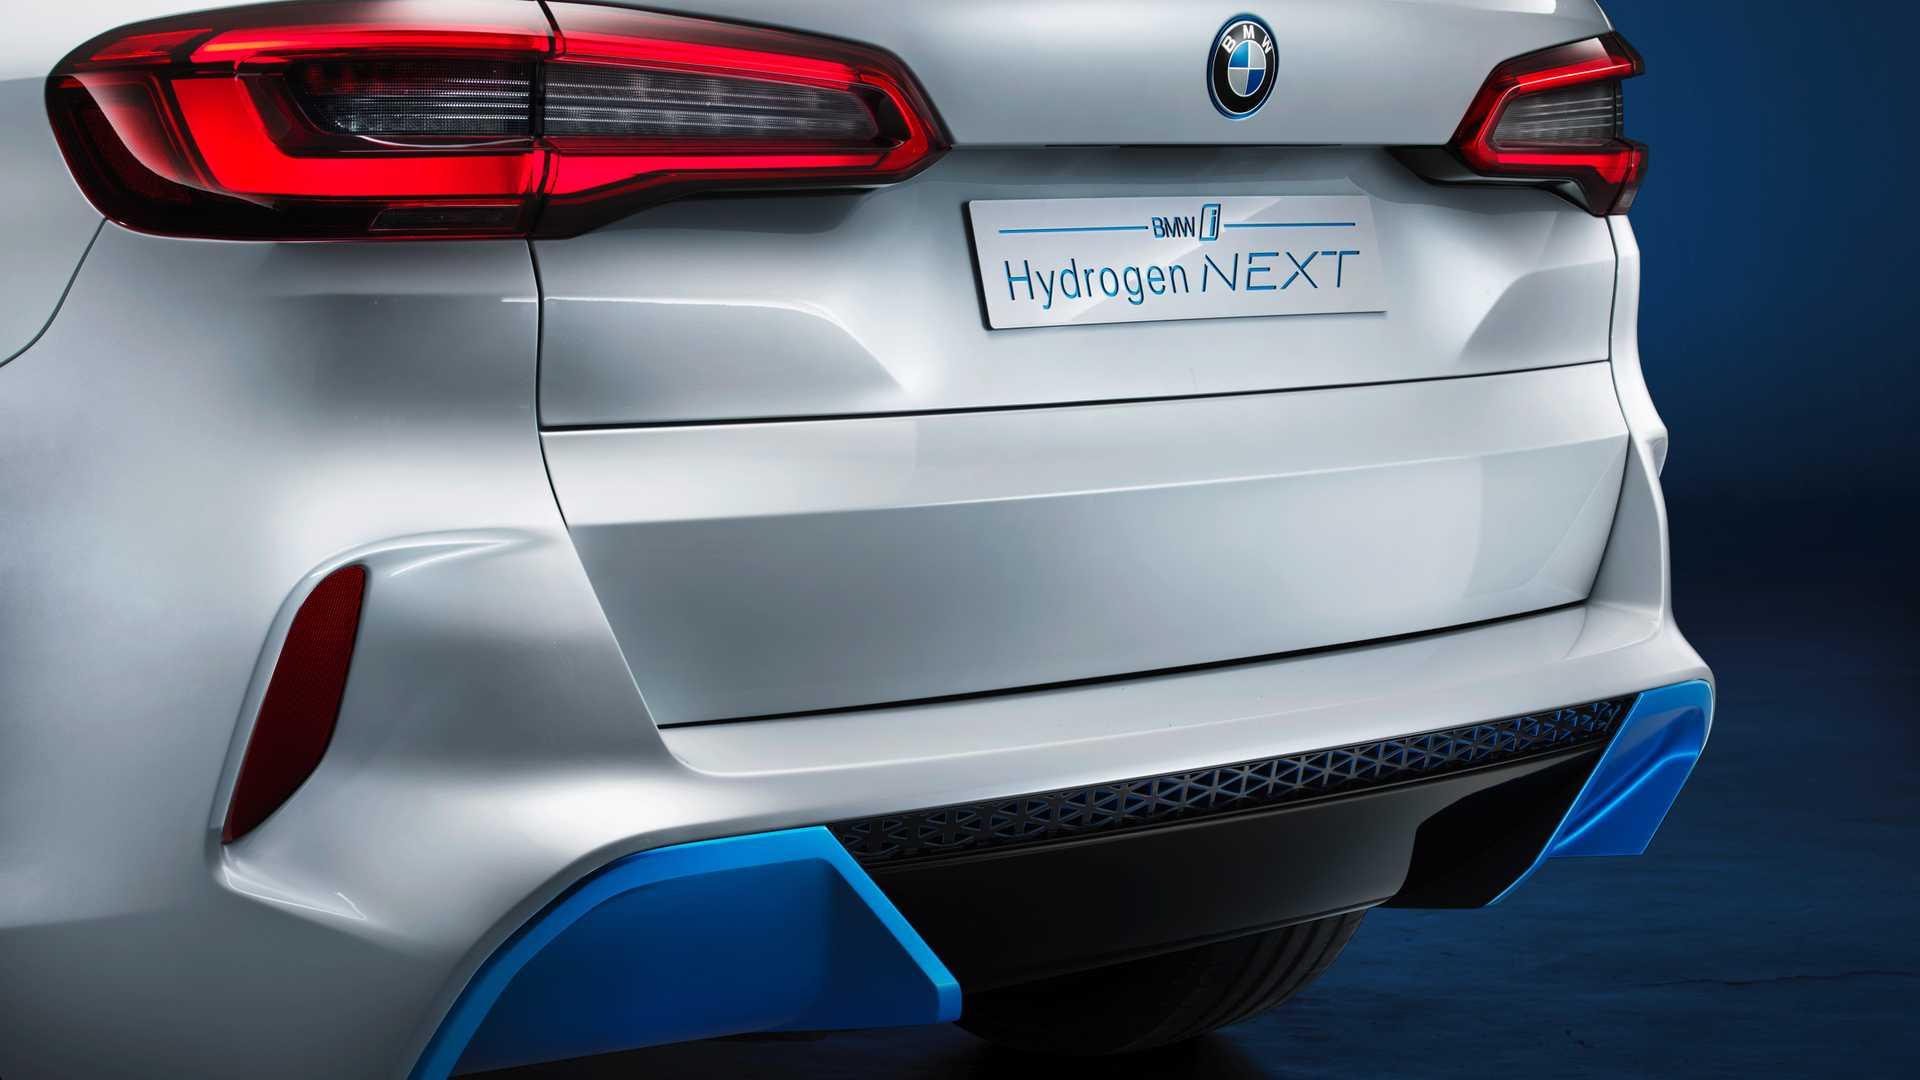 bmw-i-hydrogen-next-concept-3